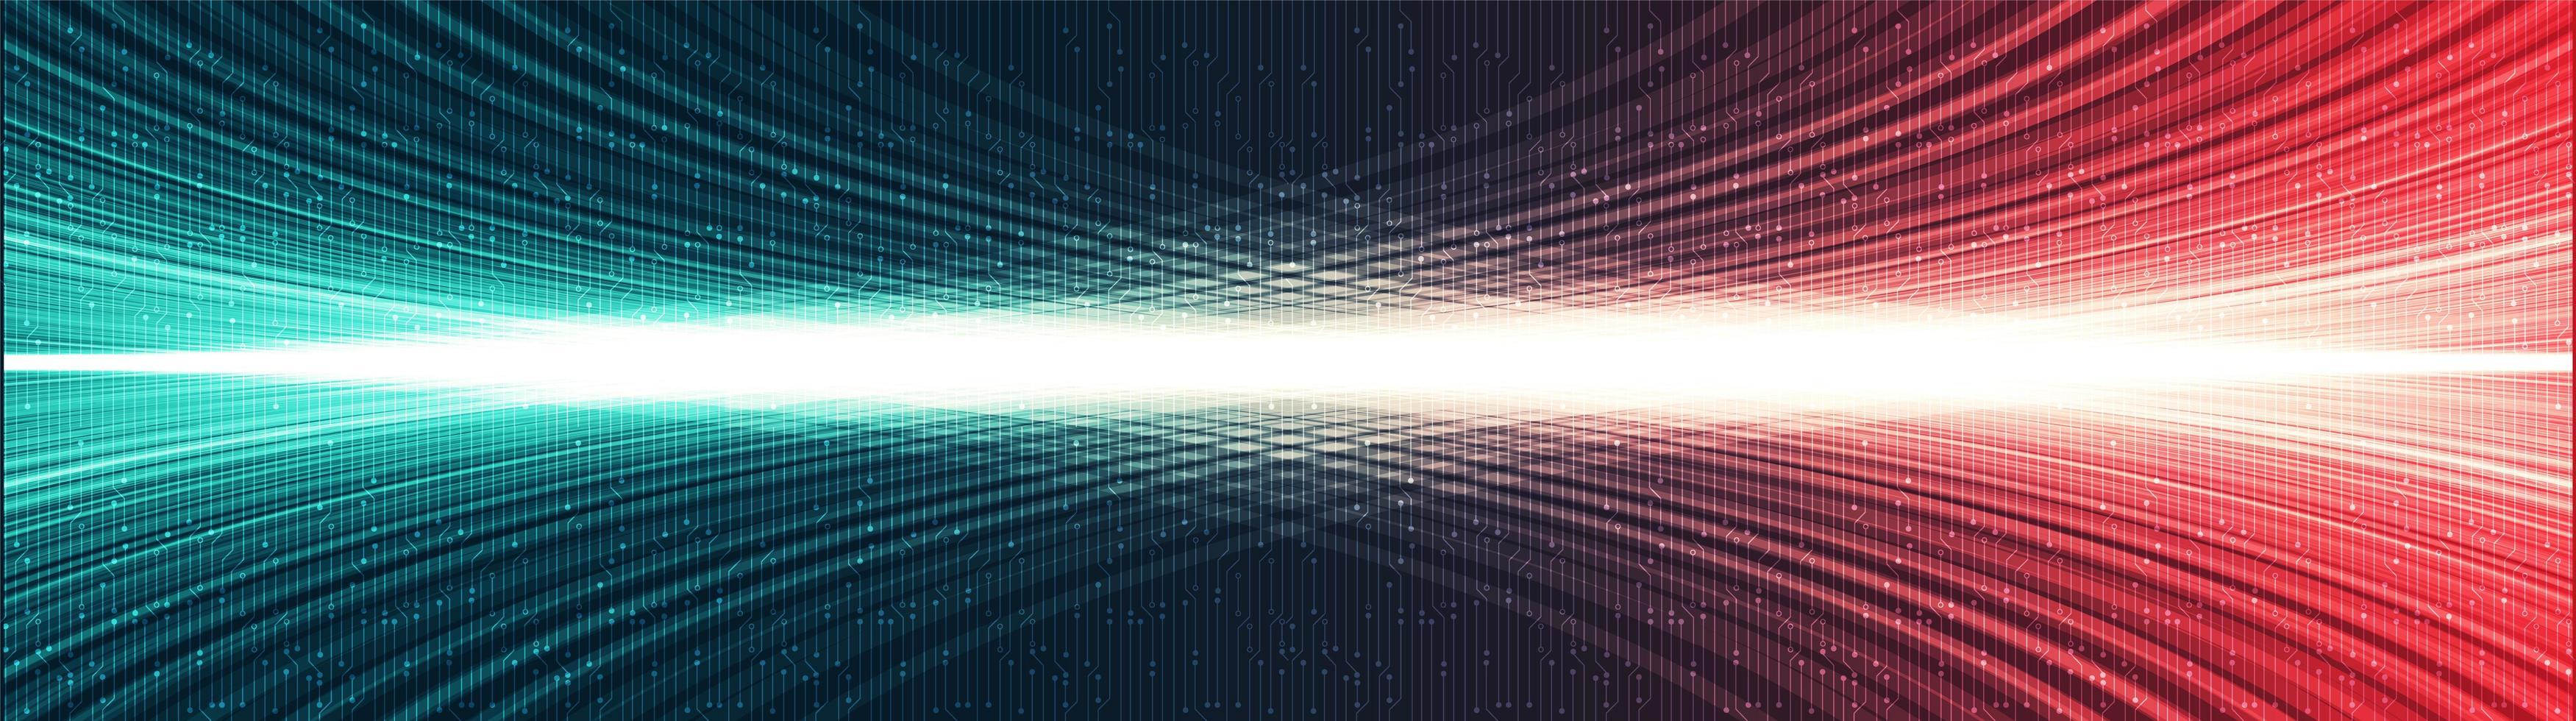 sfondo di tecnologia della luce digitale di panorama, design del concetto di onda sonora e digitale hi-tech, spazio libero per il testo inserito, illustrazione vettoriale